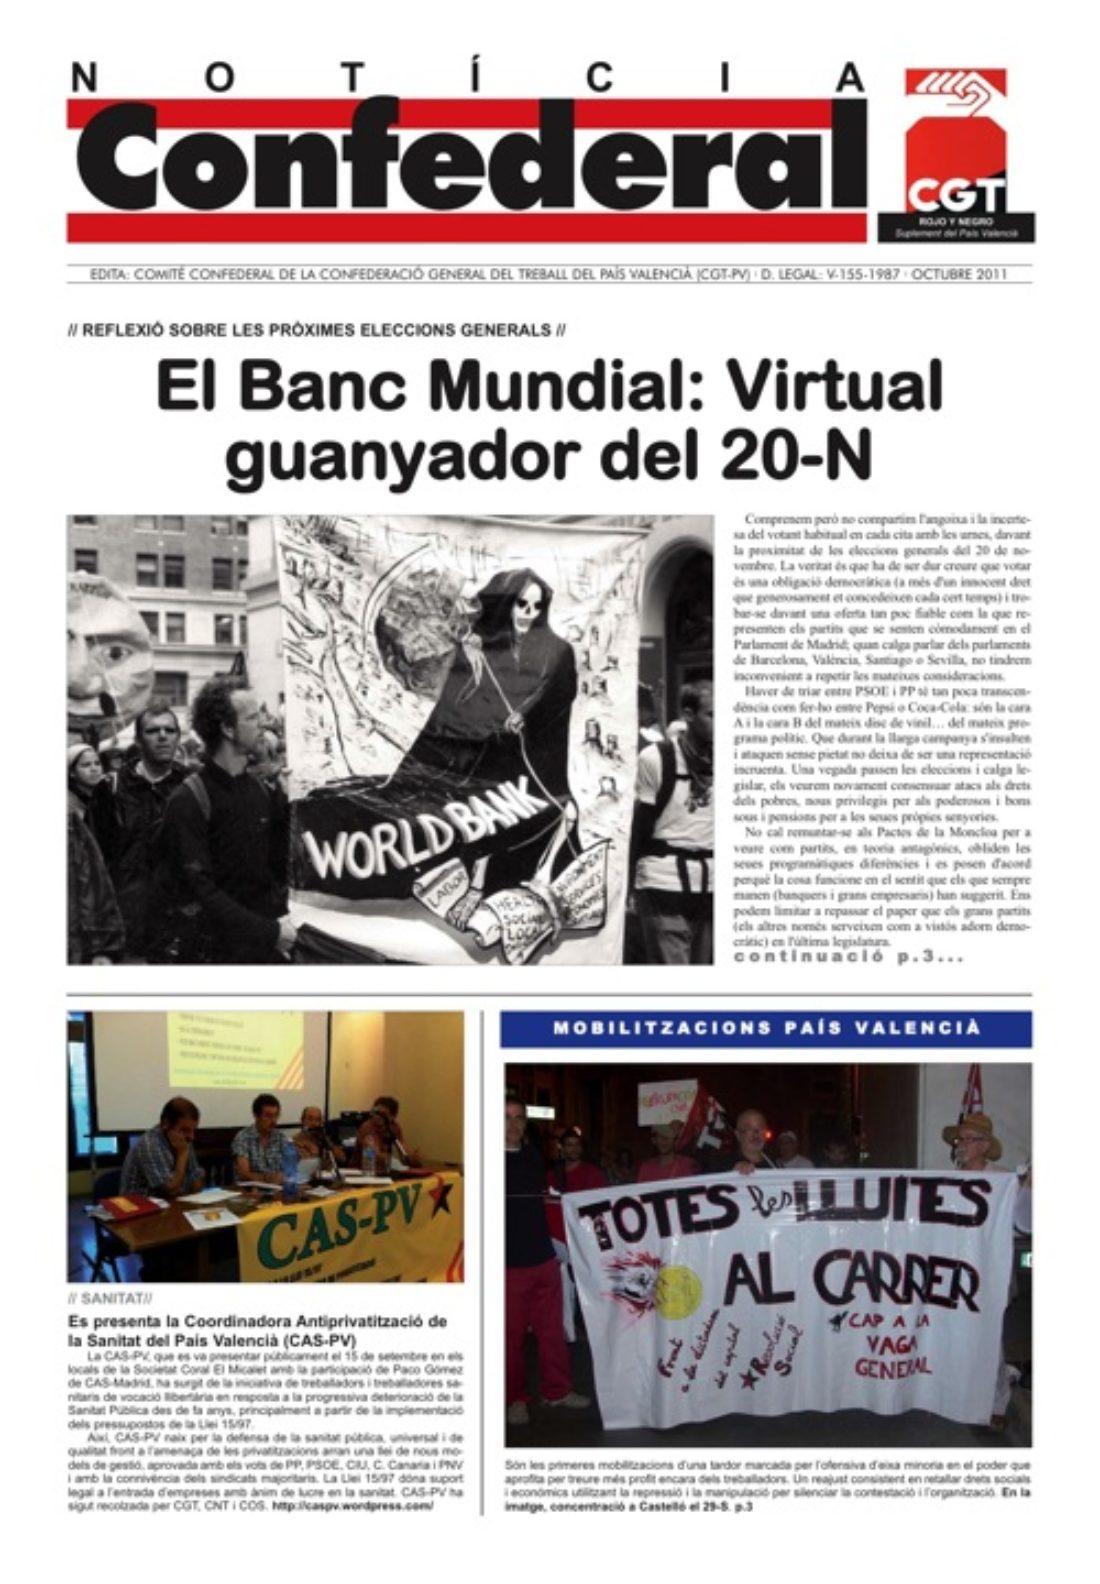 Noticia Confederal Octubre 2011